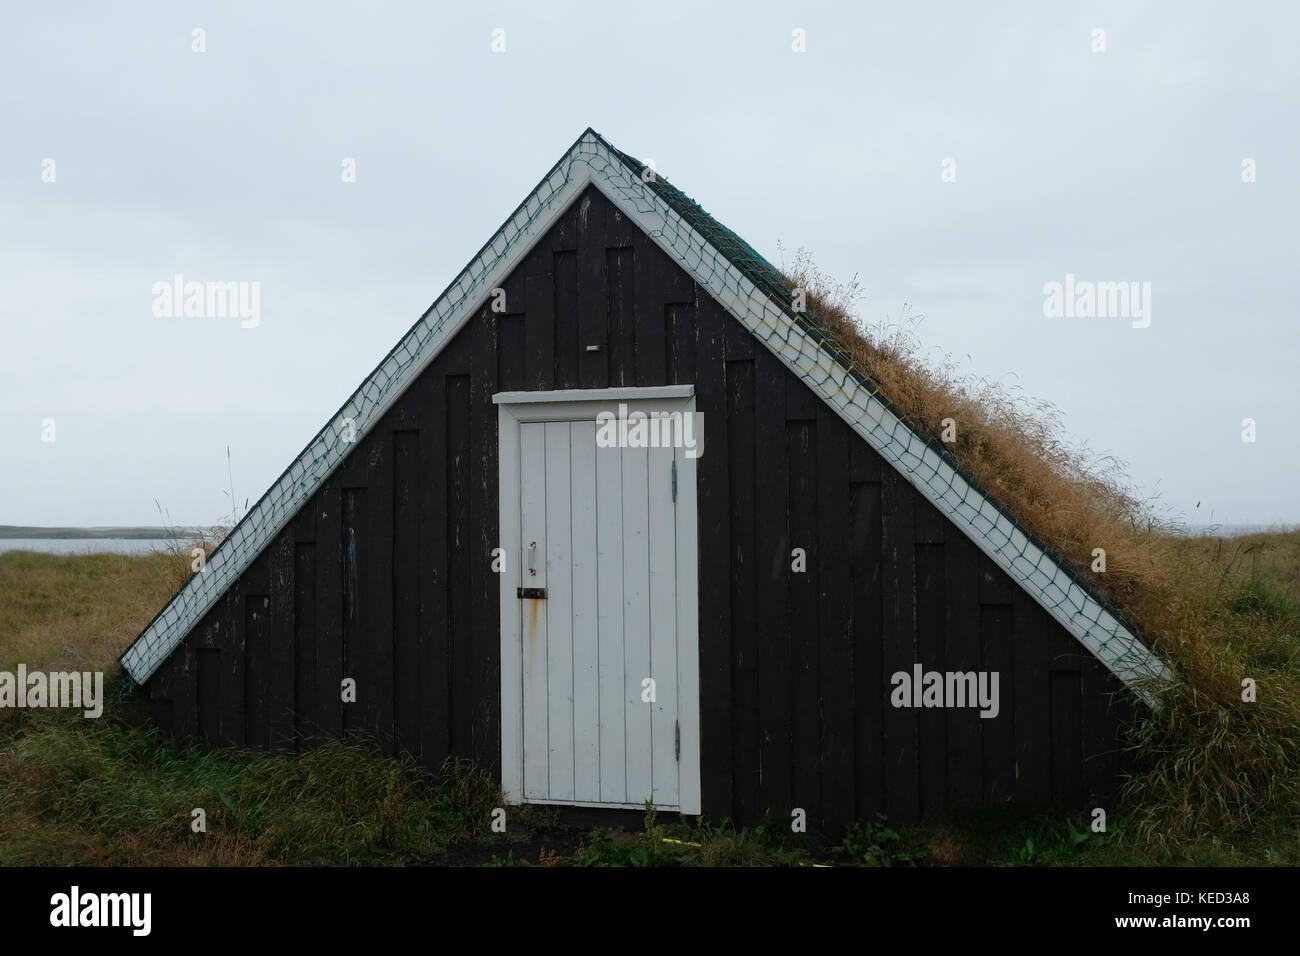 Triangular Roof Imágenes De Stock & Triangular Roof Fotos De Stock ...